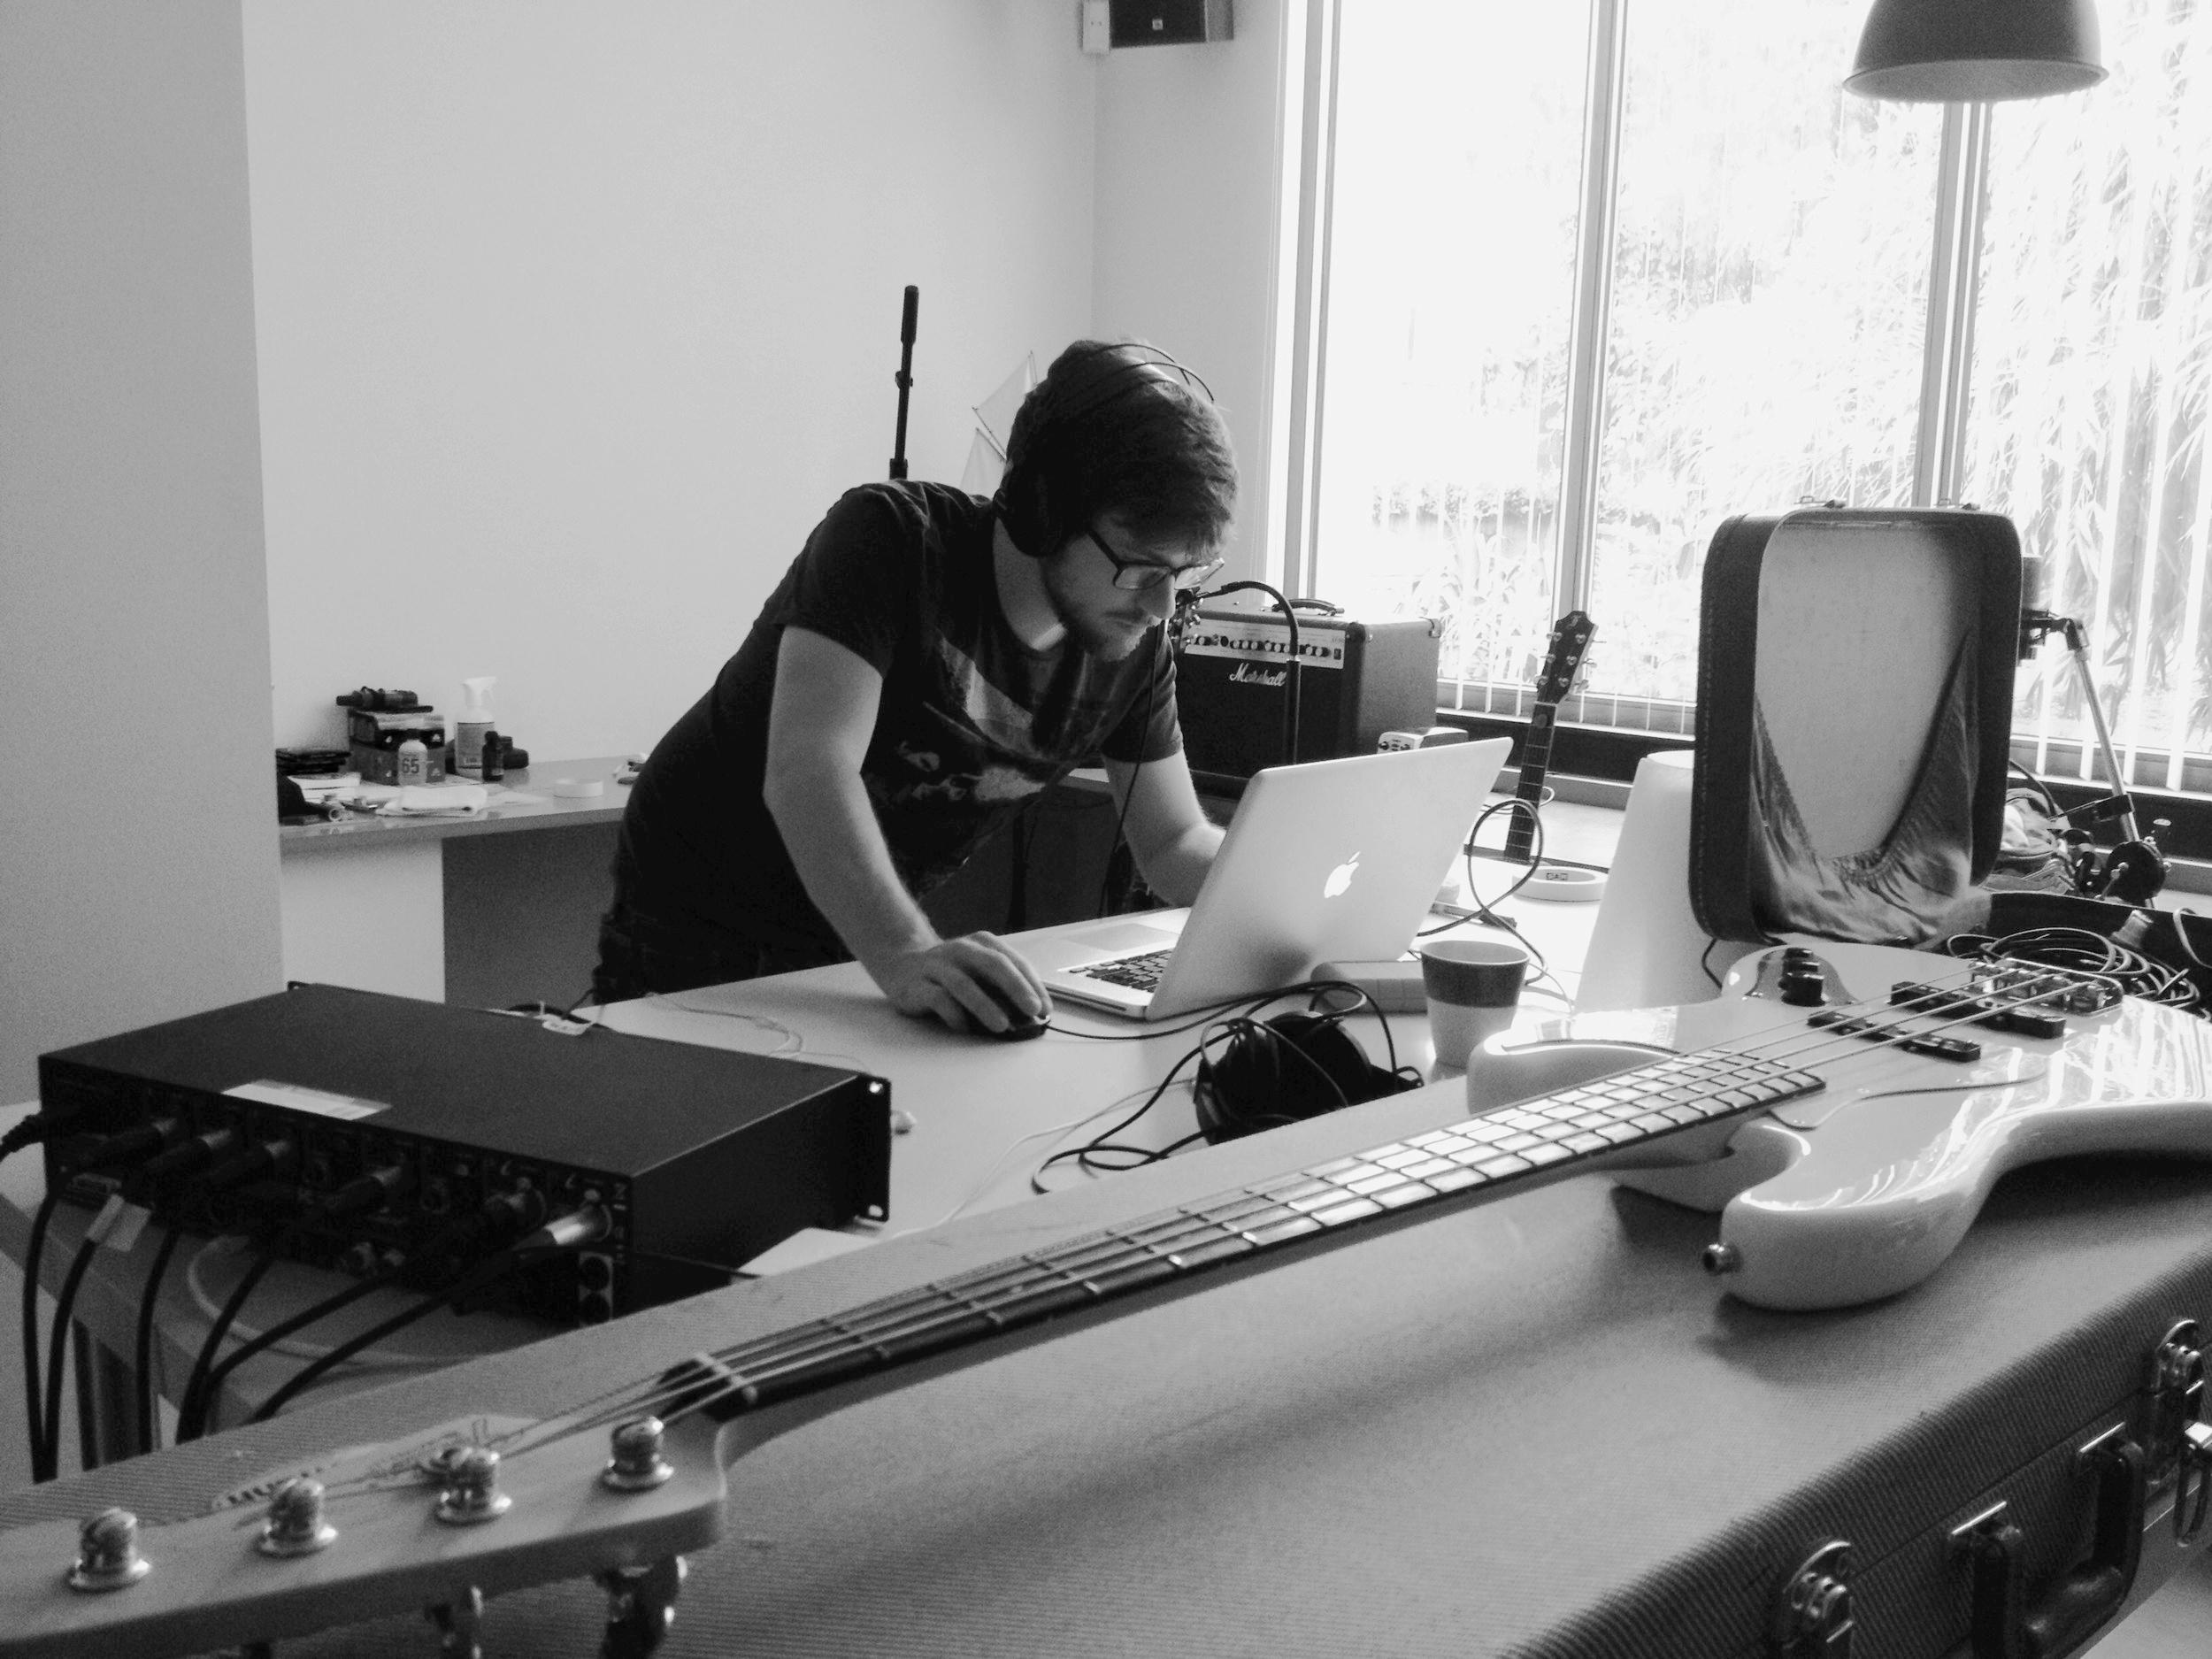 Opleiding muziekproductie: bass recording